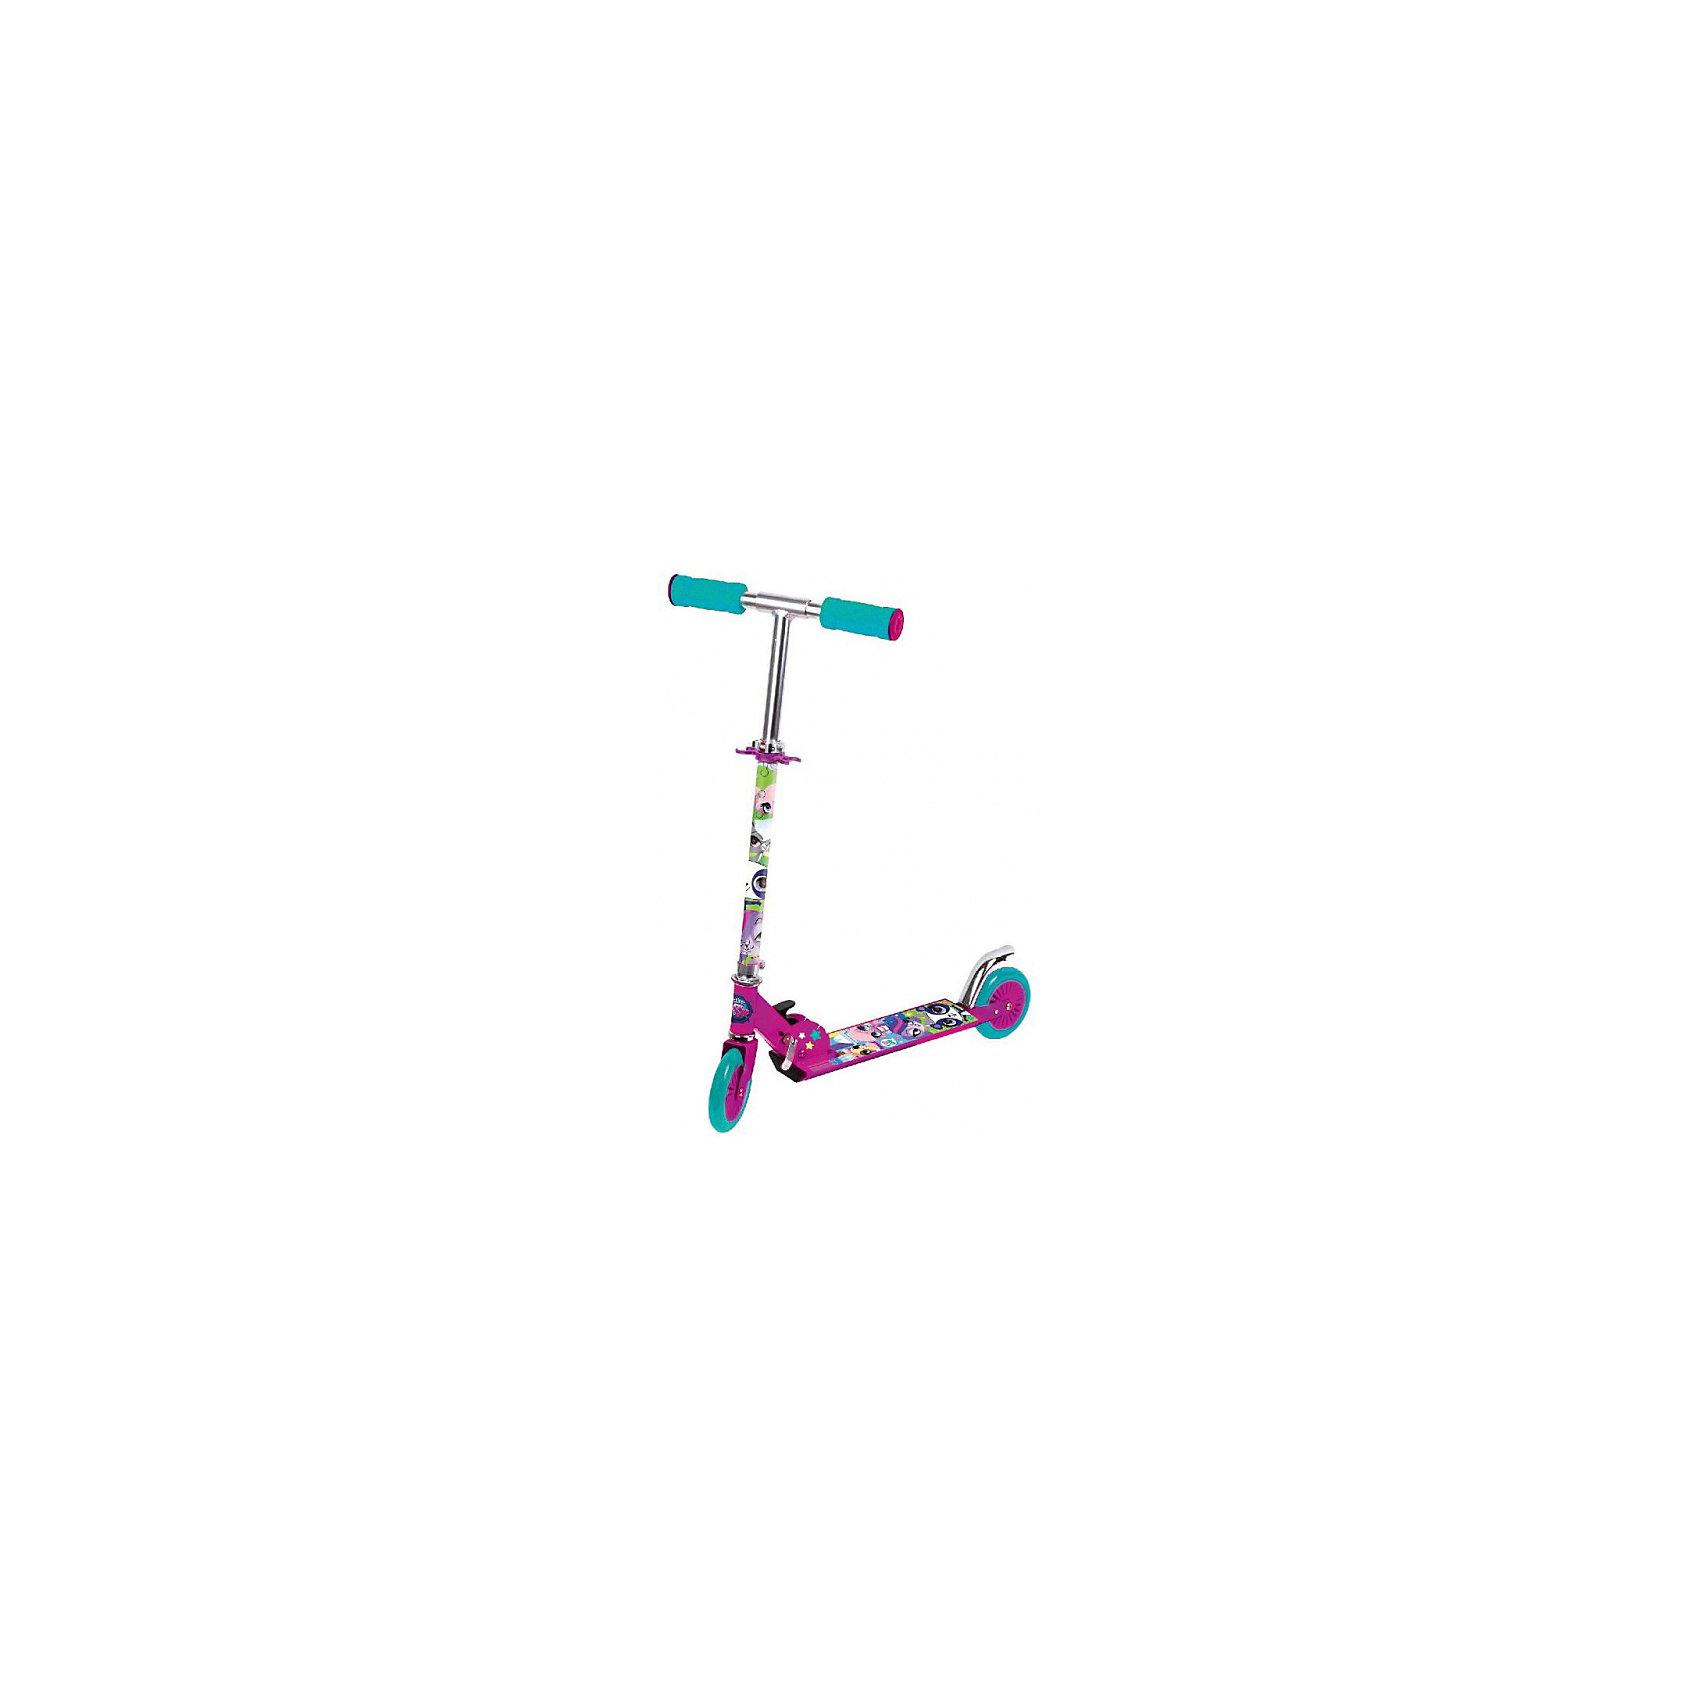 Самокат, Pet Shop, Next, розовыйИгрушки<br>Характеристики товара:<br><br>• цвет: розовый<br>• принт: Пэт Шоп<br>• высококачественные полиуретановые pu колеса: переднее 120 мм, заднее 80 мм,<br>• усиленная платформа с противоскользящей поверхностью, 34х9,5 см<br>• высокоточный подшипник abec-5<br>• 3 положения высоты руля<br>• подножка<br>• материал: алюминий, полипропилен<br>• мягкие резиновые ручки<br>• тормоз заднего колеса<br>• максимальная нагрузка - 50 кг<br>• вес: 2500гр.<br>• размер: 54х74х26 см<br>• возраст: от 2 лет<br><br>Двухколесный самокат Pet Shop, Next розовый можно приобрести в нашем интернет-магазине.<br><br>Ширина мм: 330<br>Глубина мм: 830<br>Высота мм: 650<br>Вес г: 2500<br>Возраст от месяцев: 36<br>Возраст до месяцев: 96<br>Пол: Женский<br>Возраст: Детский<br>SKU: 5528124